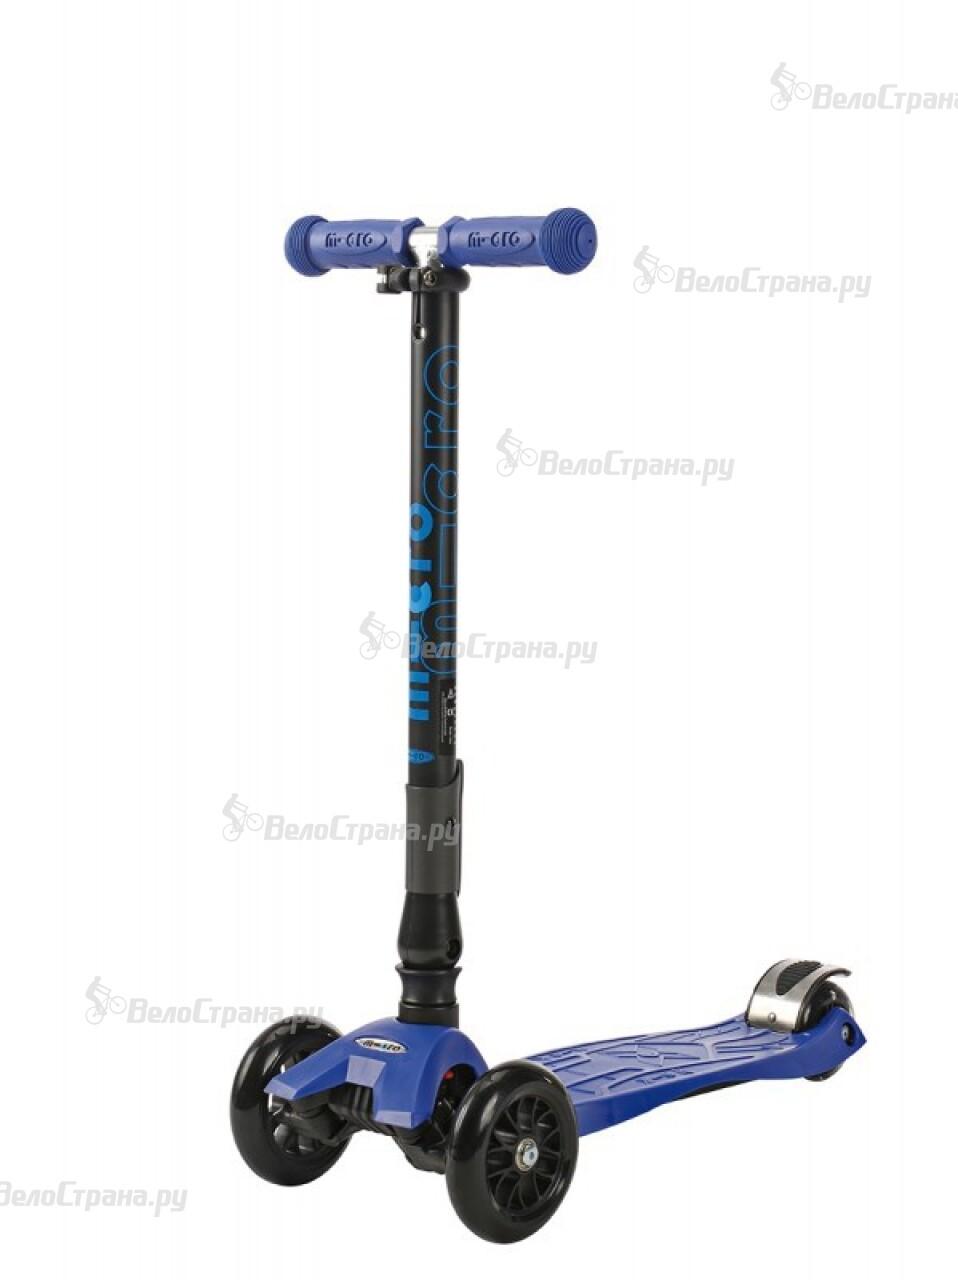 Самокат Micro MAXI СКЛАДНОЙ самокат micro kickboard compact silver